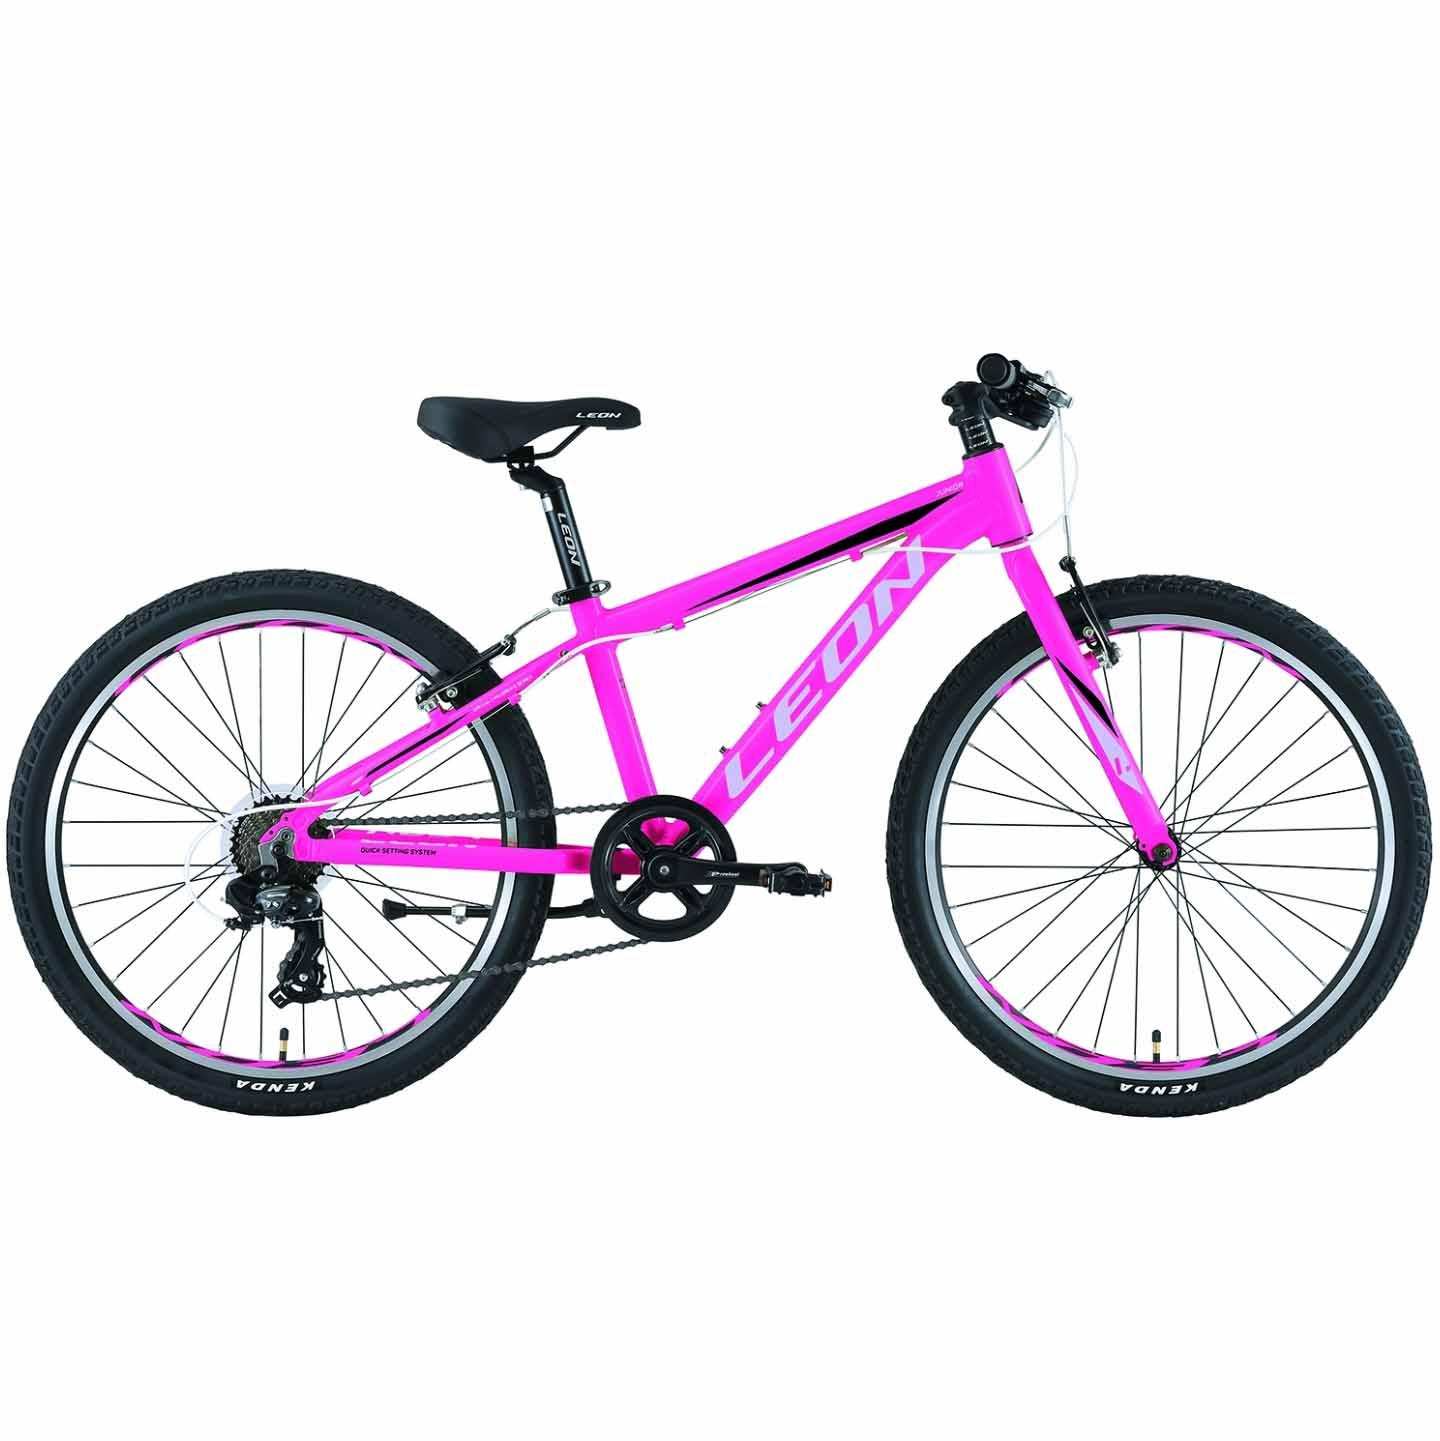 Фото Горный Детский Велосипед 24 Leon JUNIOR regid  розовый   2019